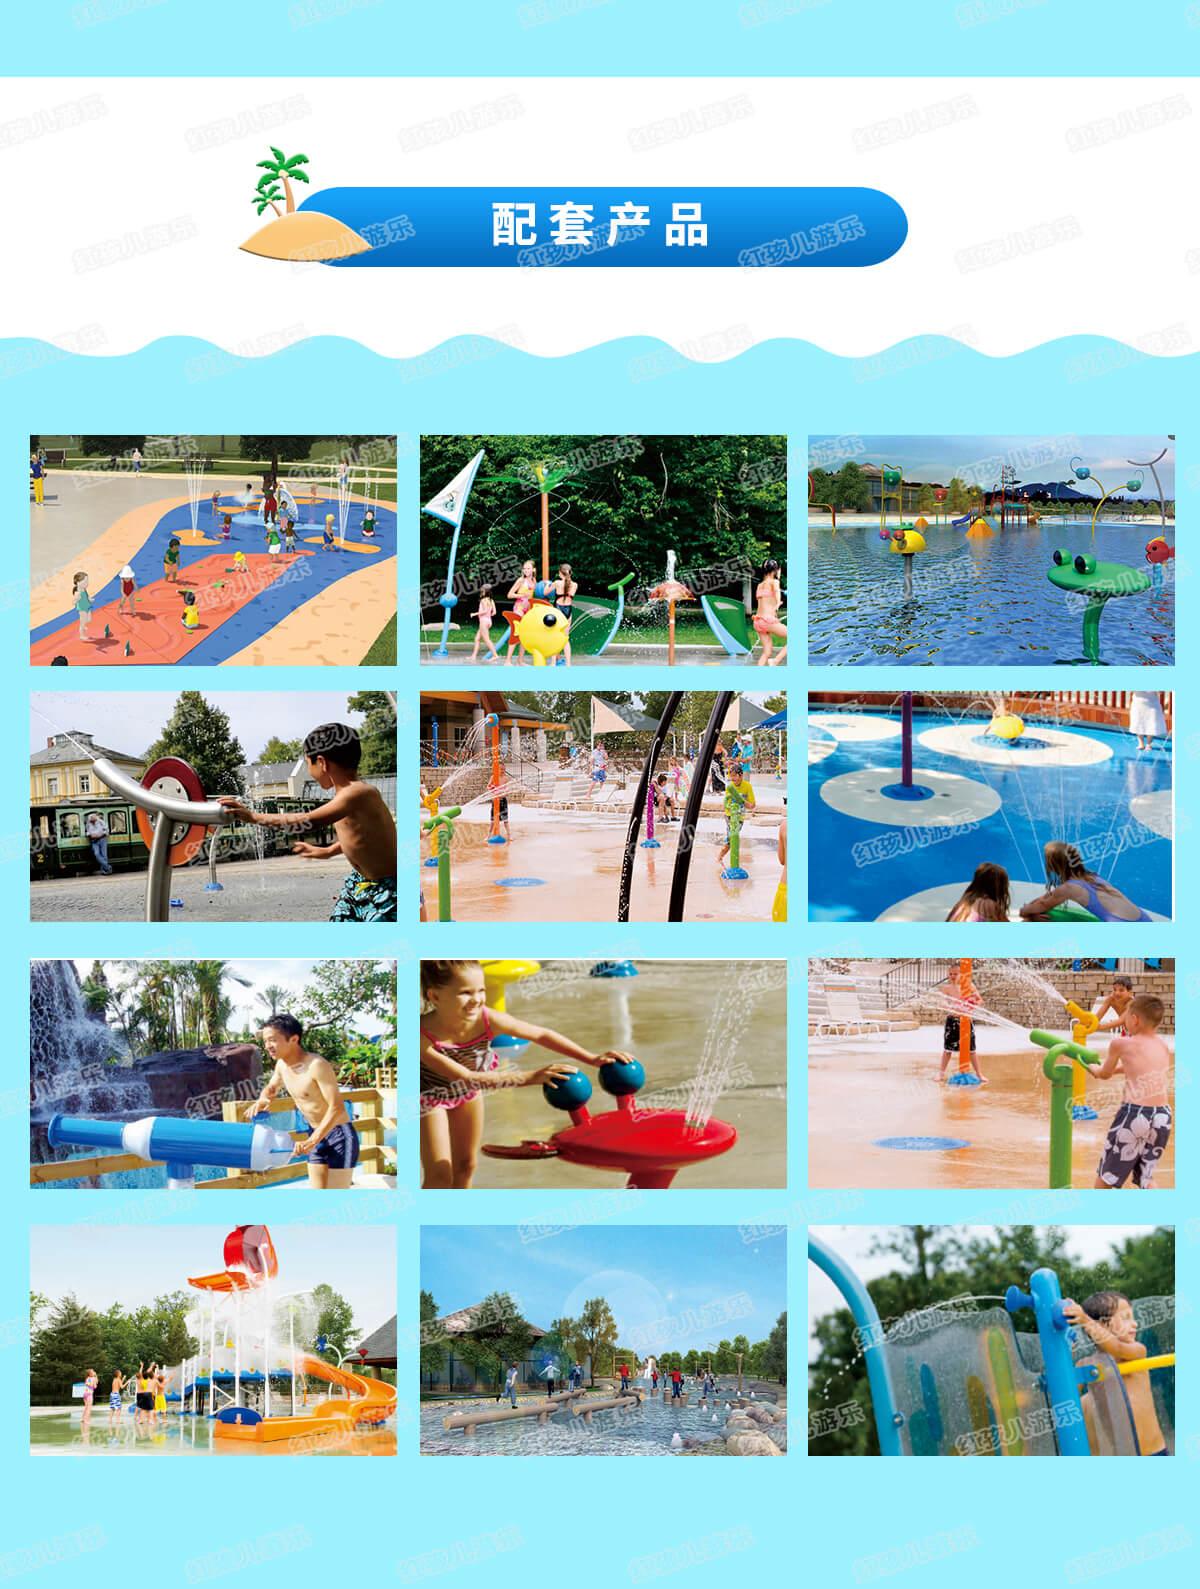 水上乐园游乐设施